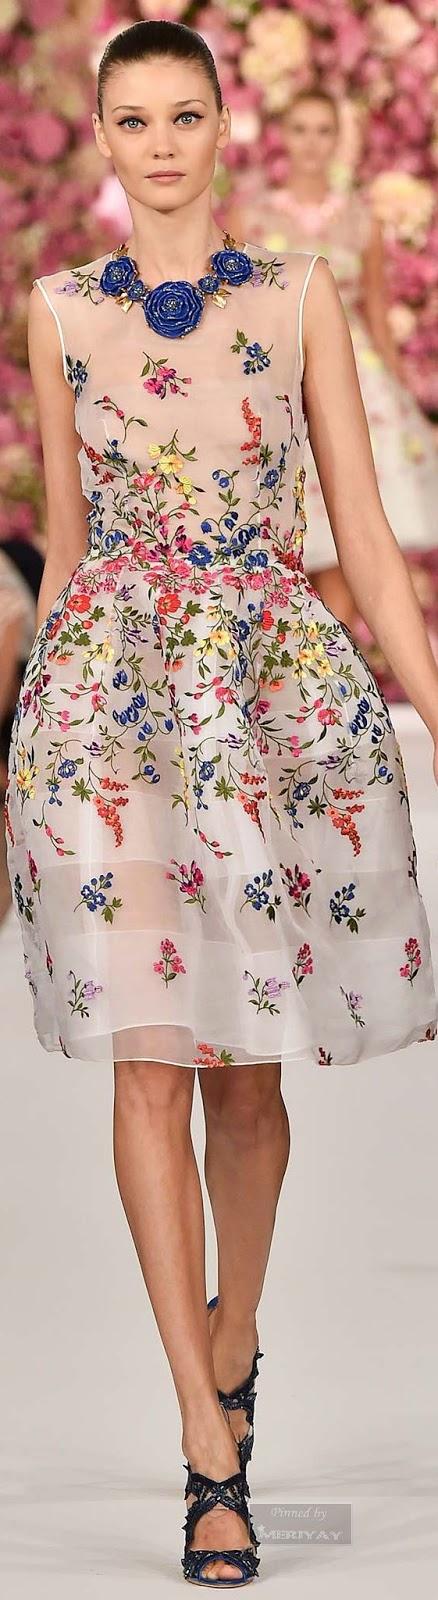 Oscar de la Renta, embellished dresses, Spring dresses